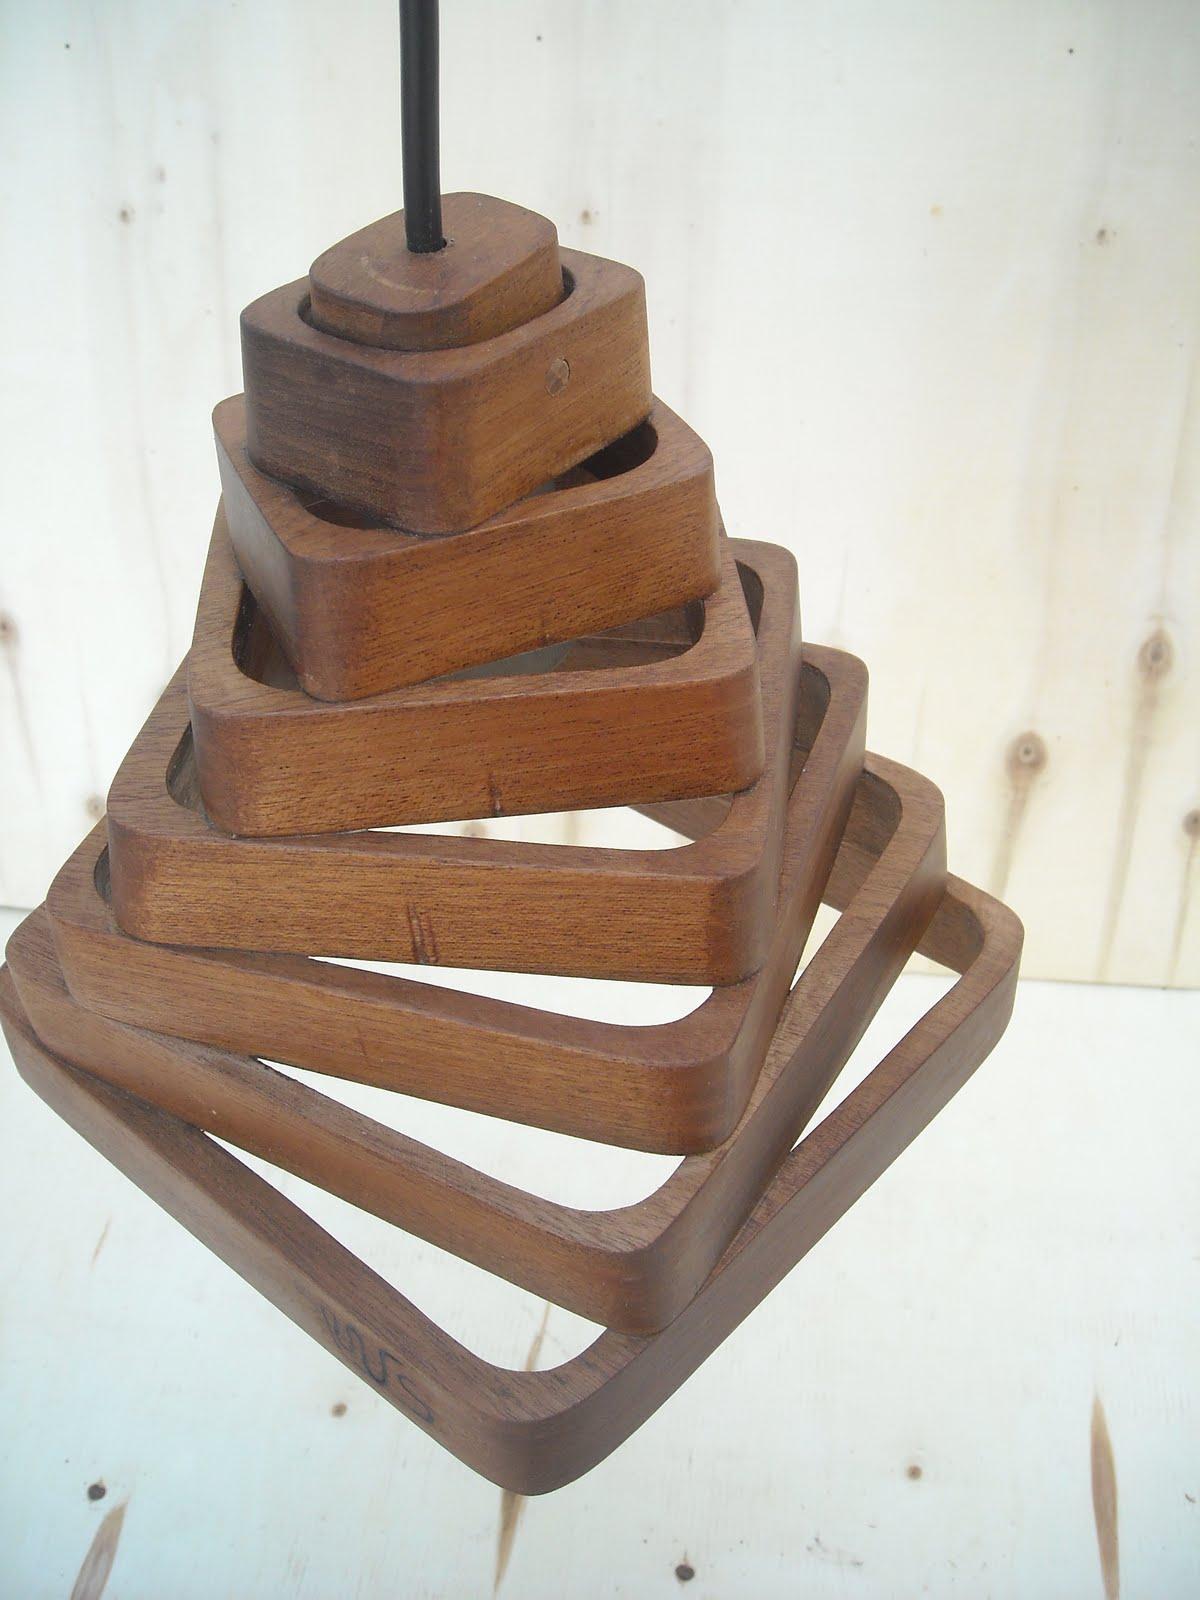 Manuel fernandez salafia lamparas de techo madera de zapelly - Lampara de techo de madera ...